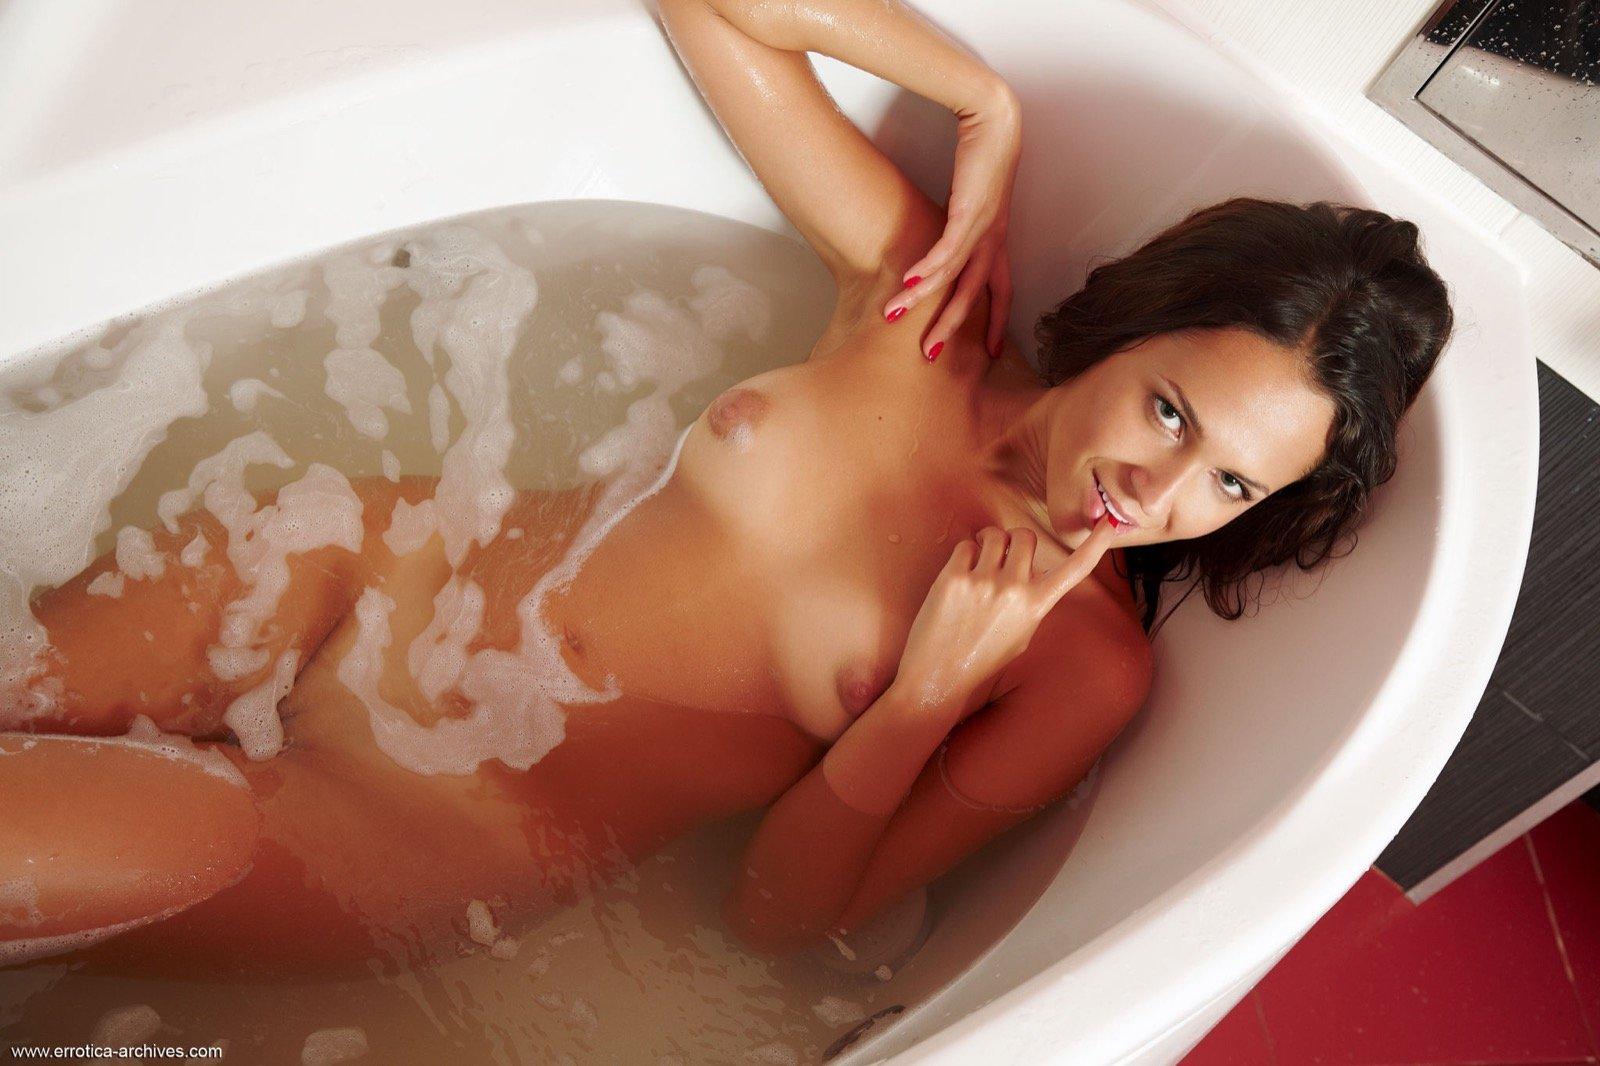 Порнозвезда эротика на ванну женщина